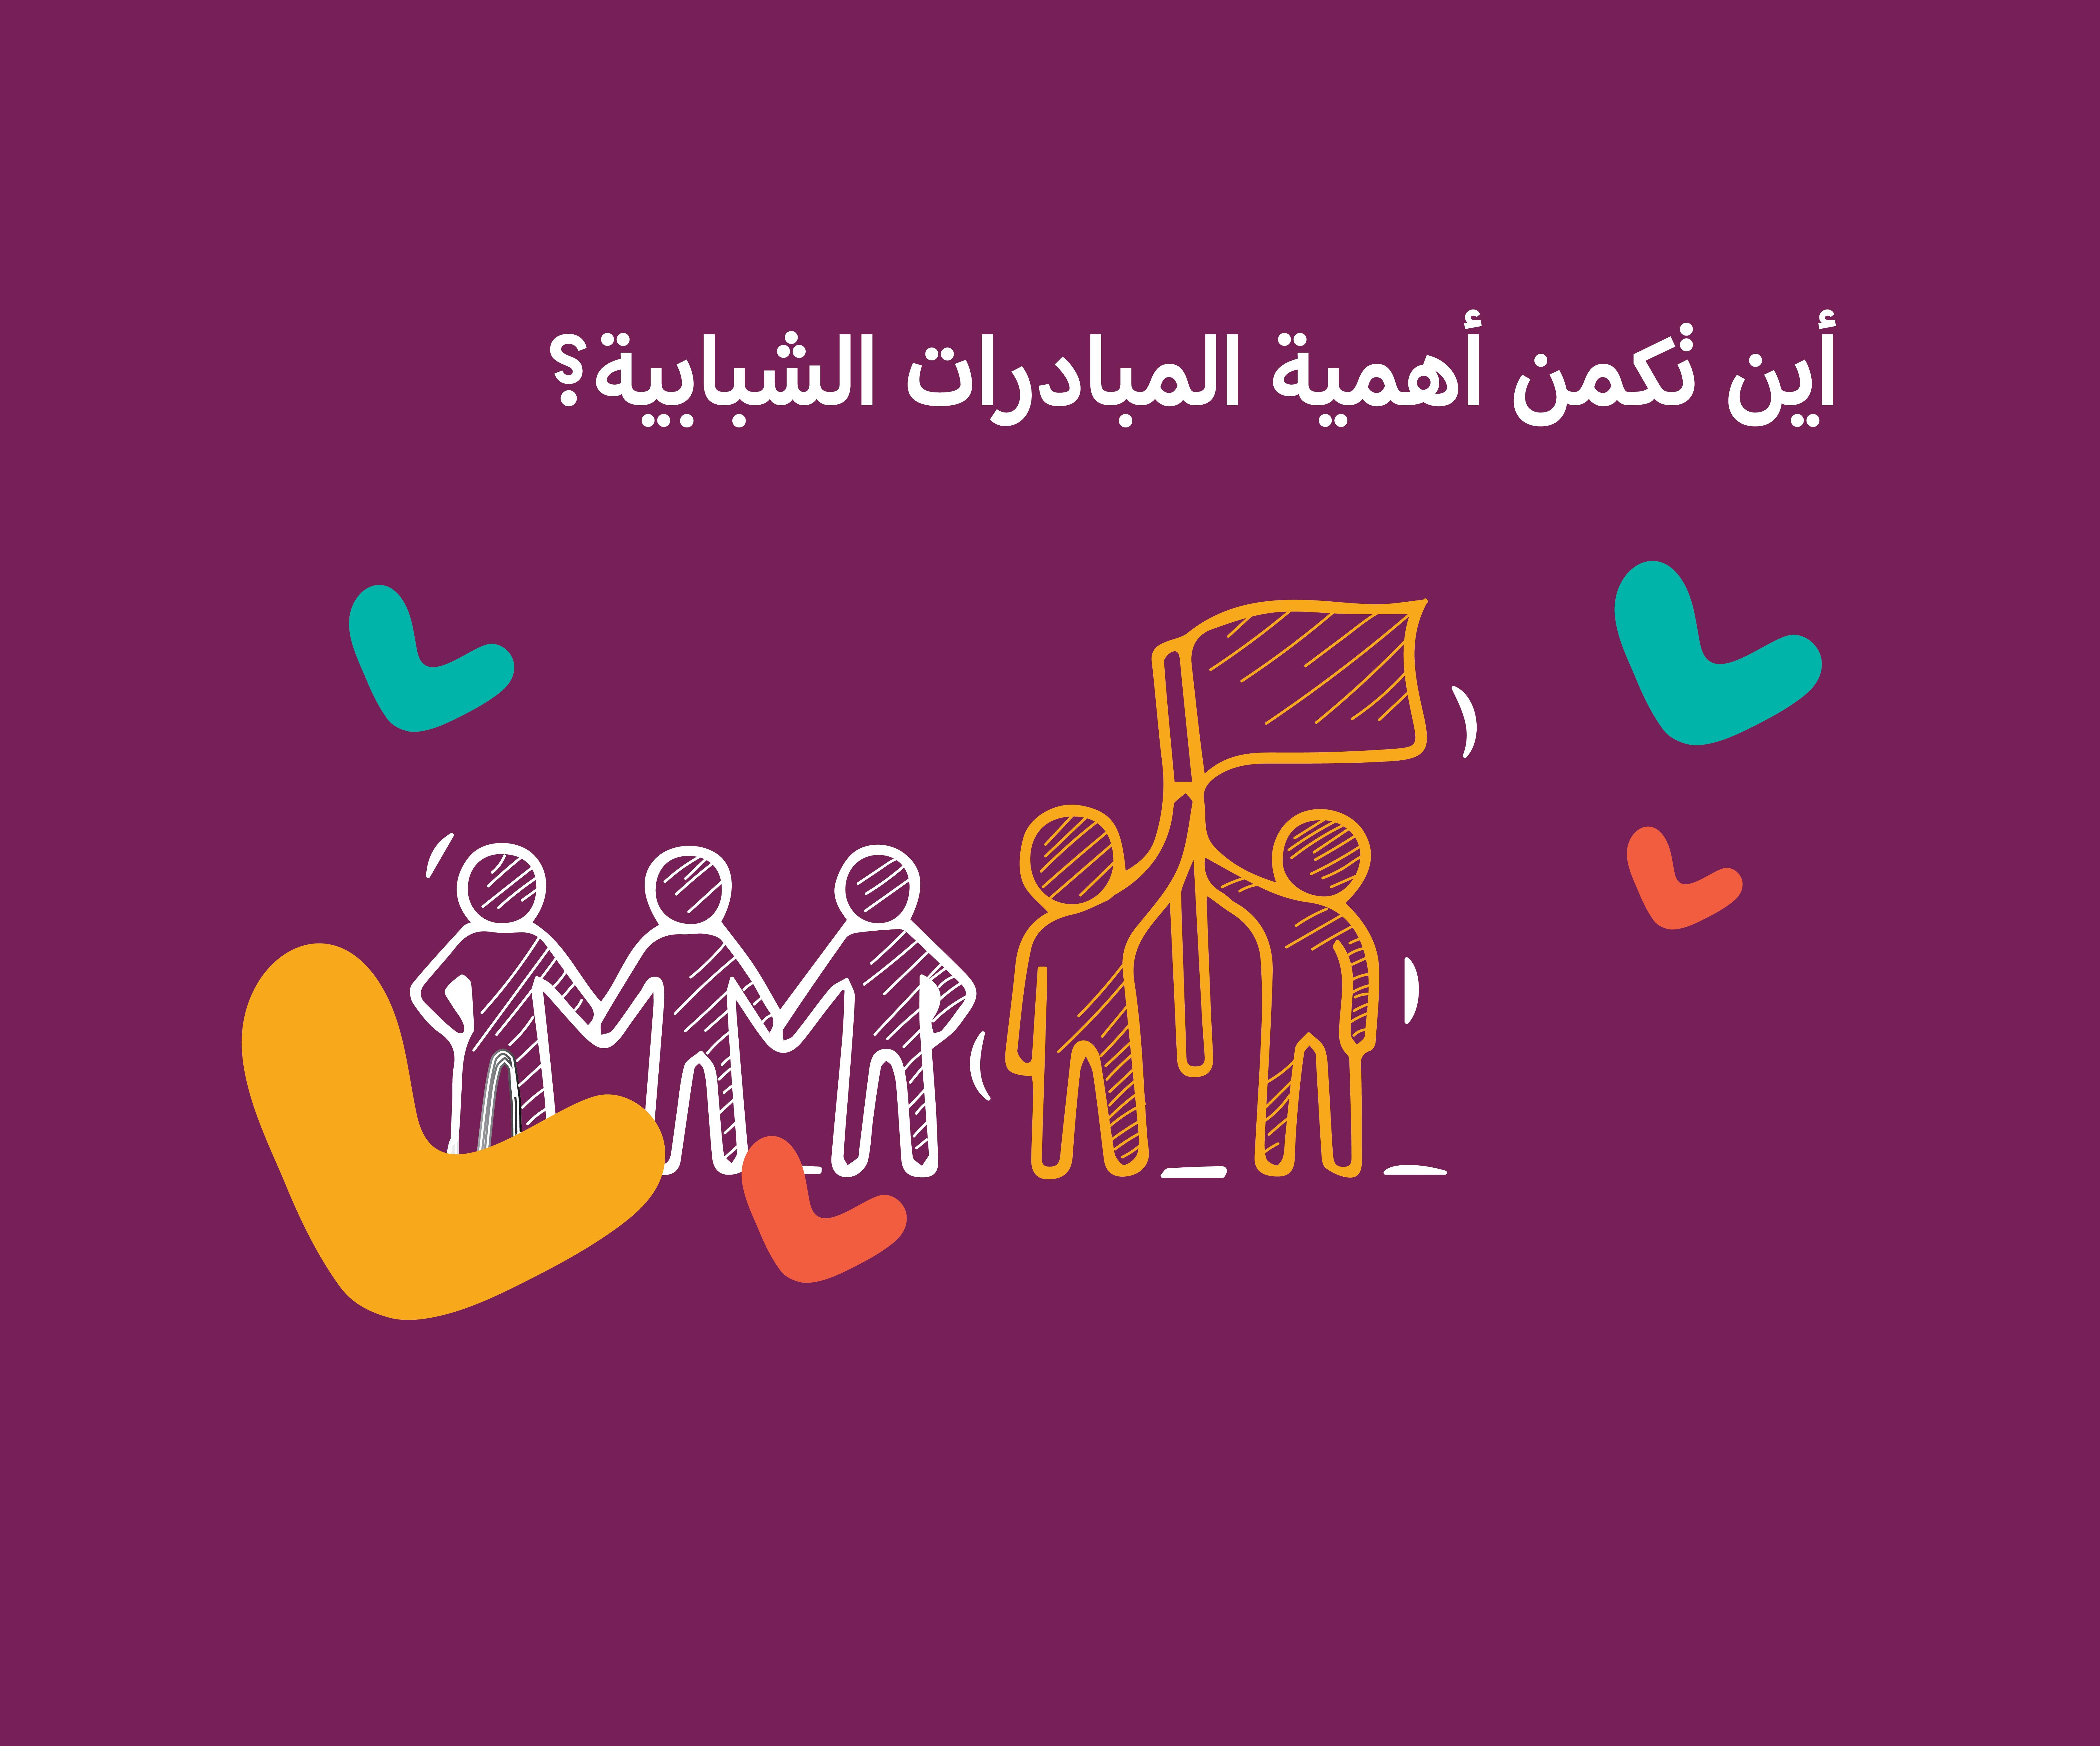 أين تكمن أهمية المبادرات الشبابية؟